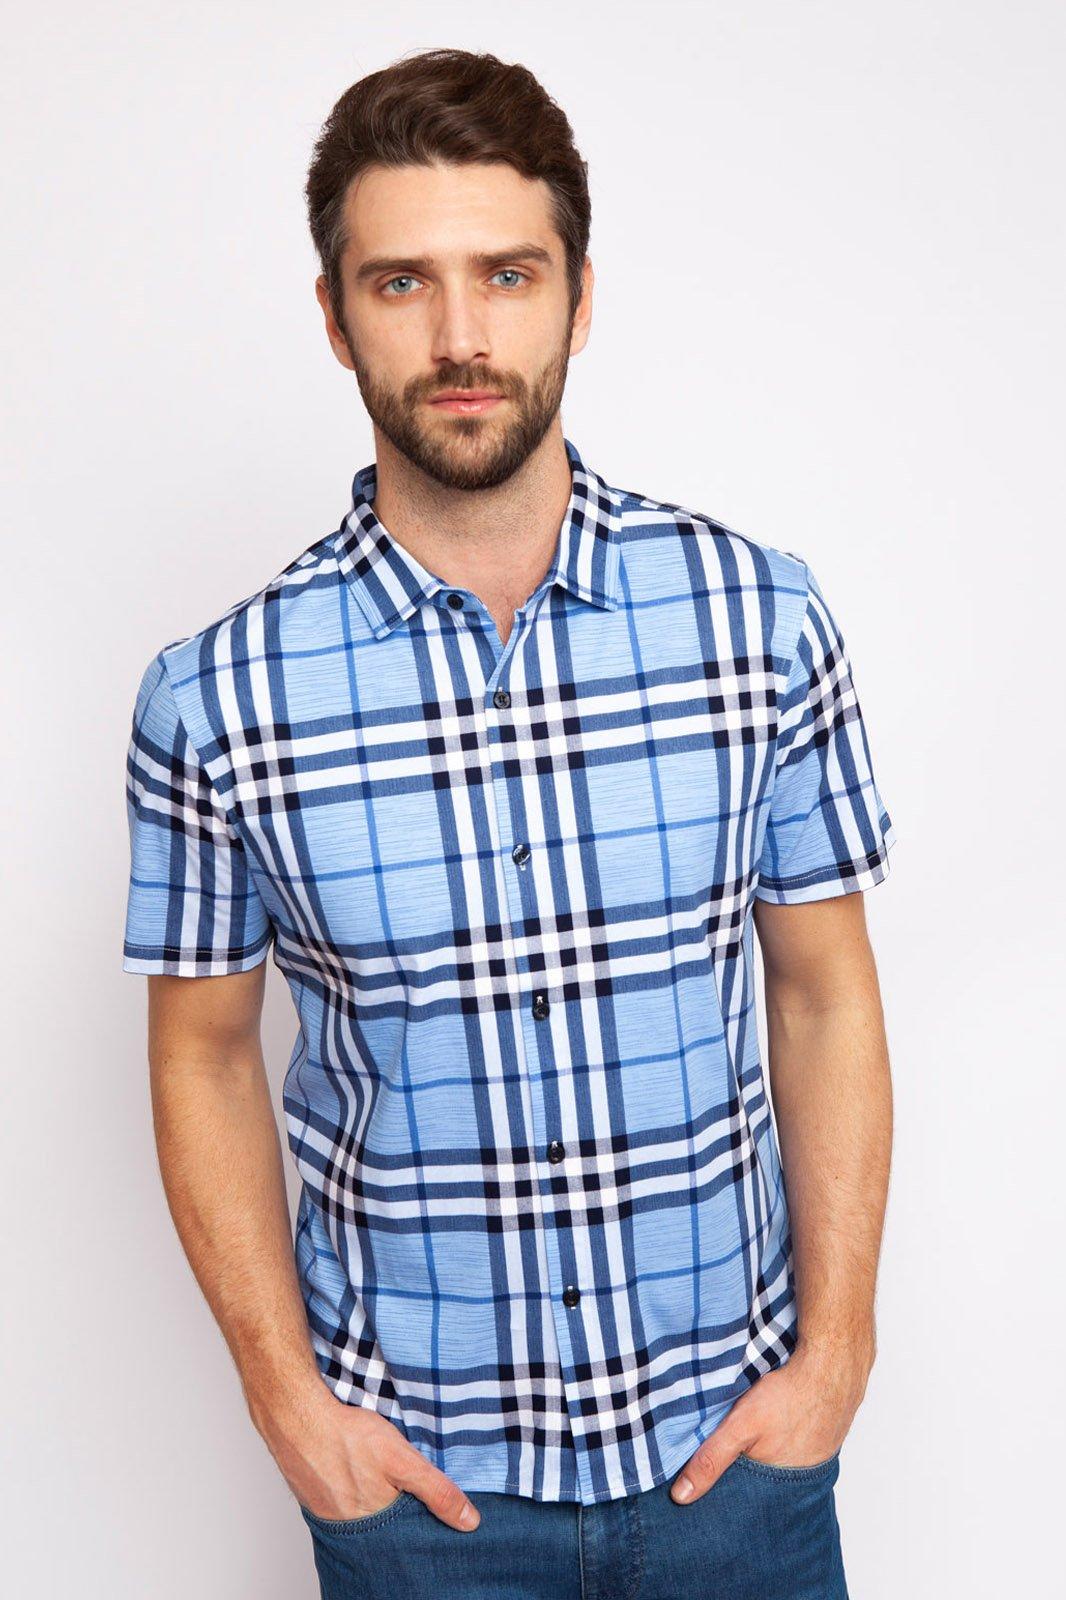 Kanzler Рубашка приталенная из мерсеризированного хлопка с коротким рукавом KANZLER